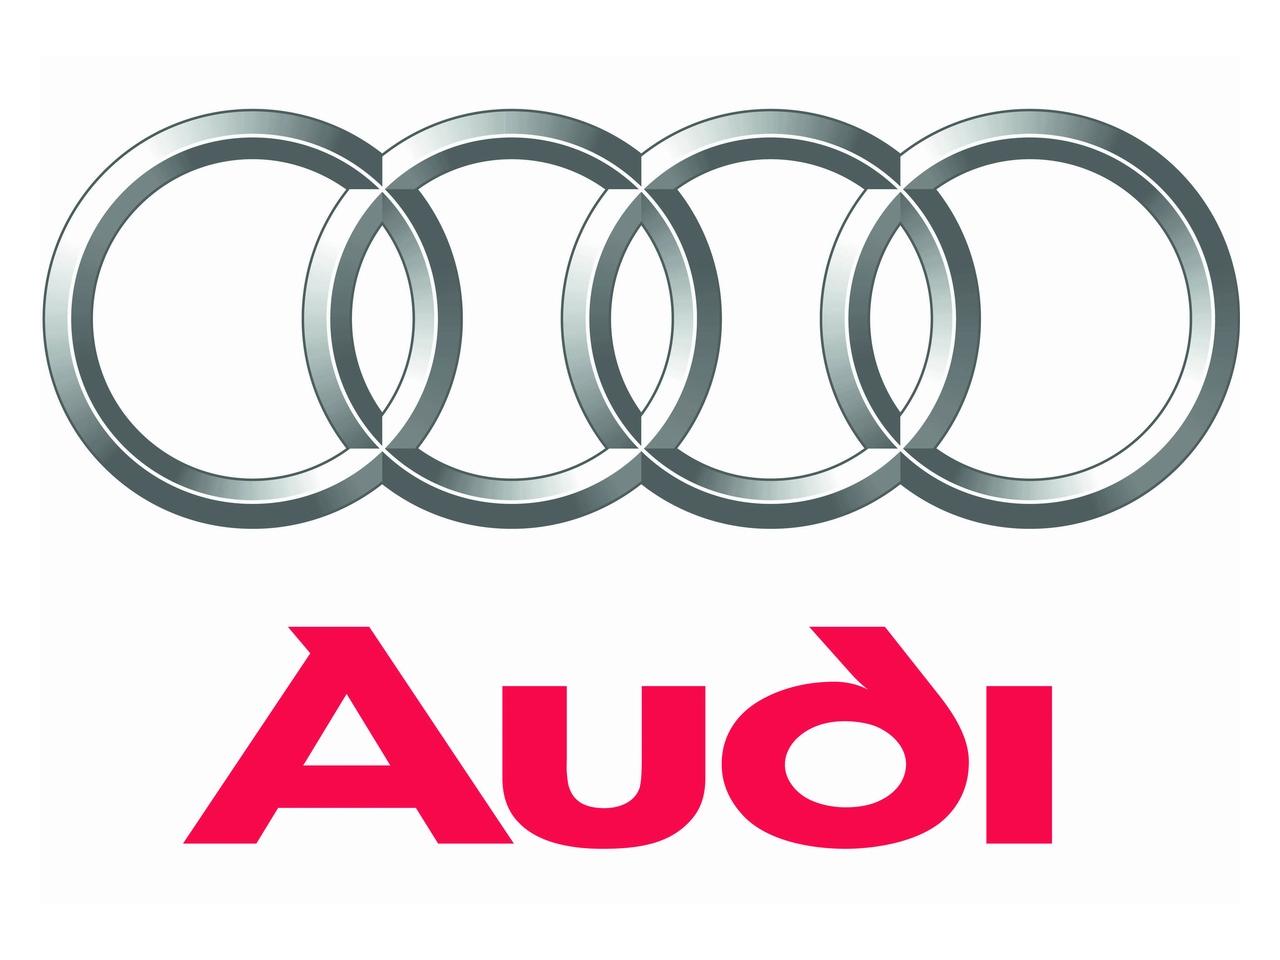 Audi symbol Wallpaper